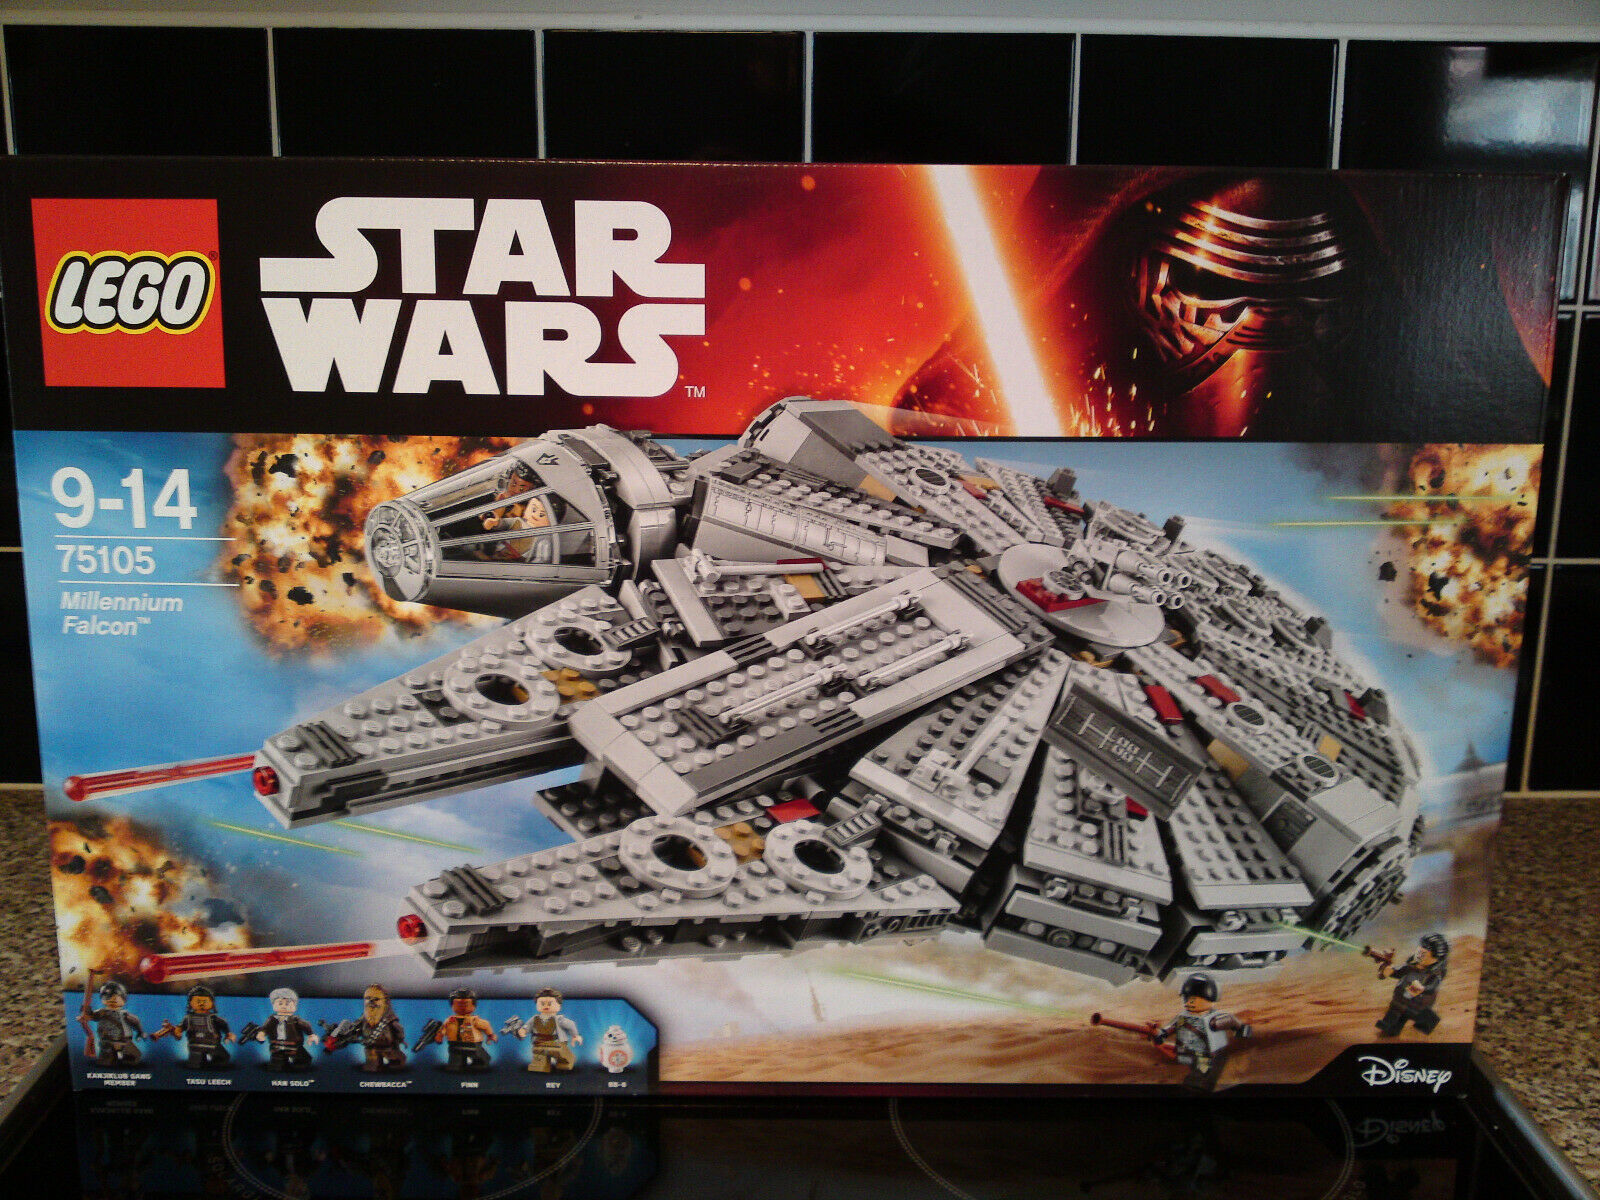 LEGO Star Wars Millennium Falcon (75105) Mint sealed Chewbacca Han Solo BB-8